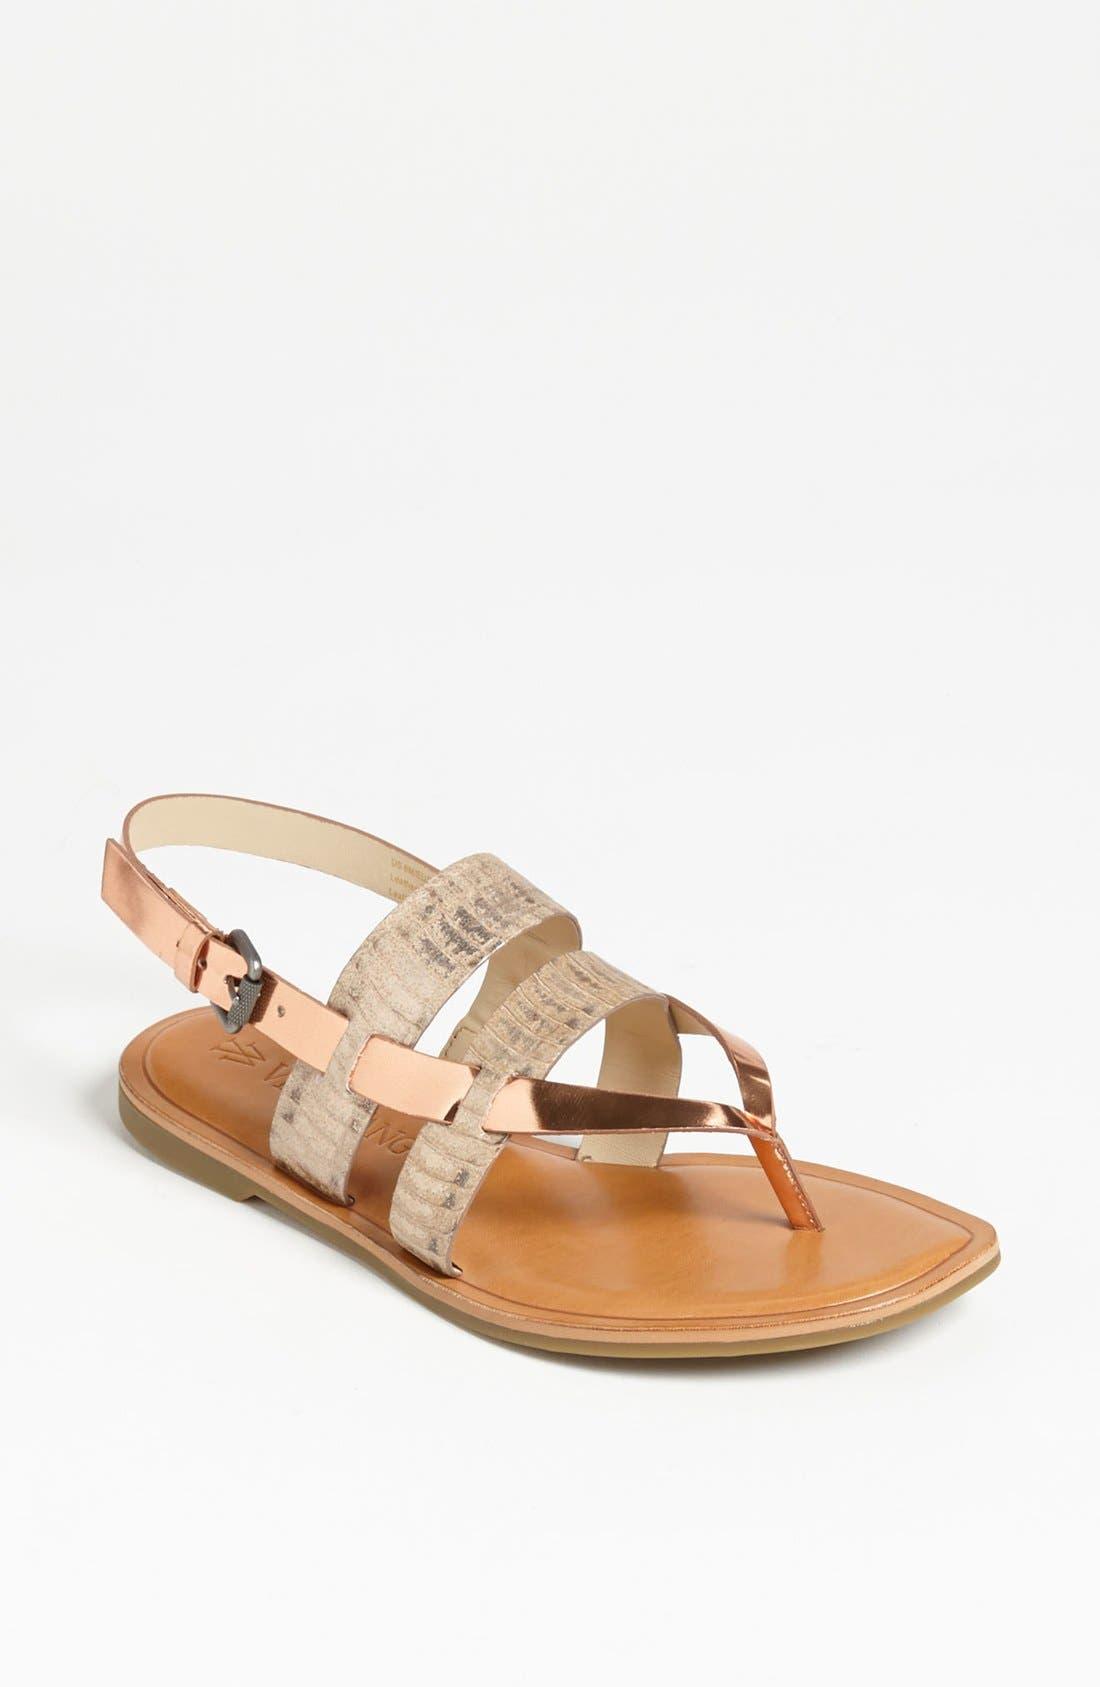 Alternate Image 1 Selected - Vera Wang Footwear 'Annie' Flat Sandal (Online Only)